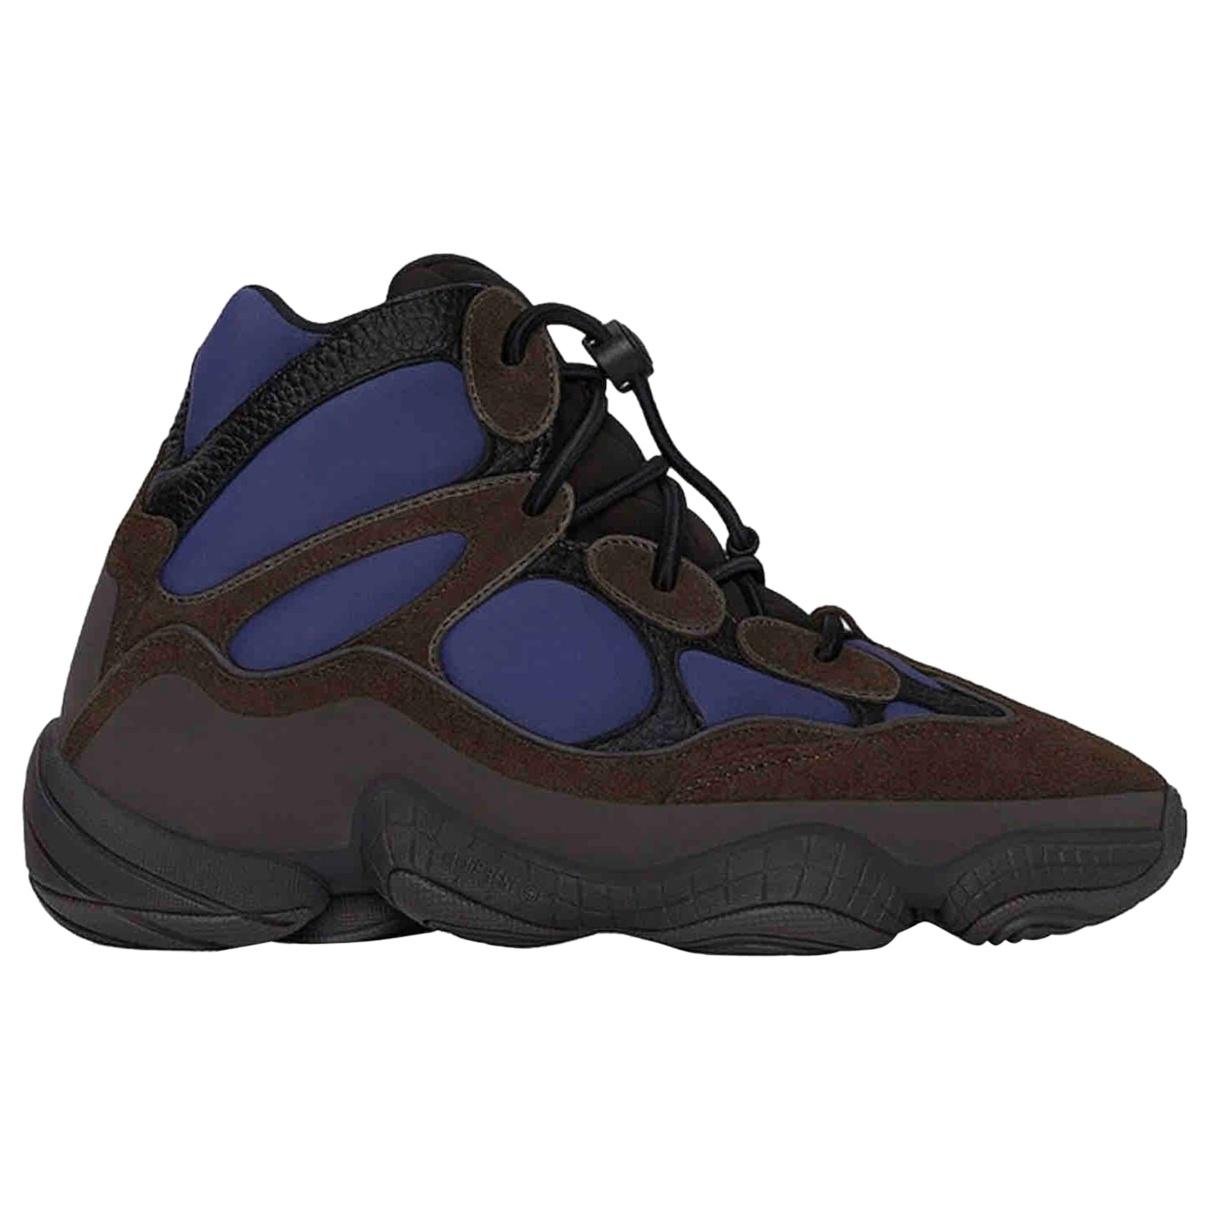 Yeezy X Adidas - Baskets 500 pour homme en cuir - bleu